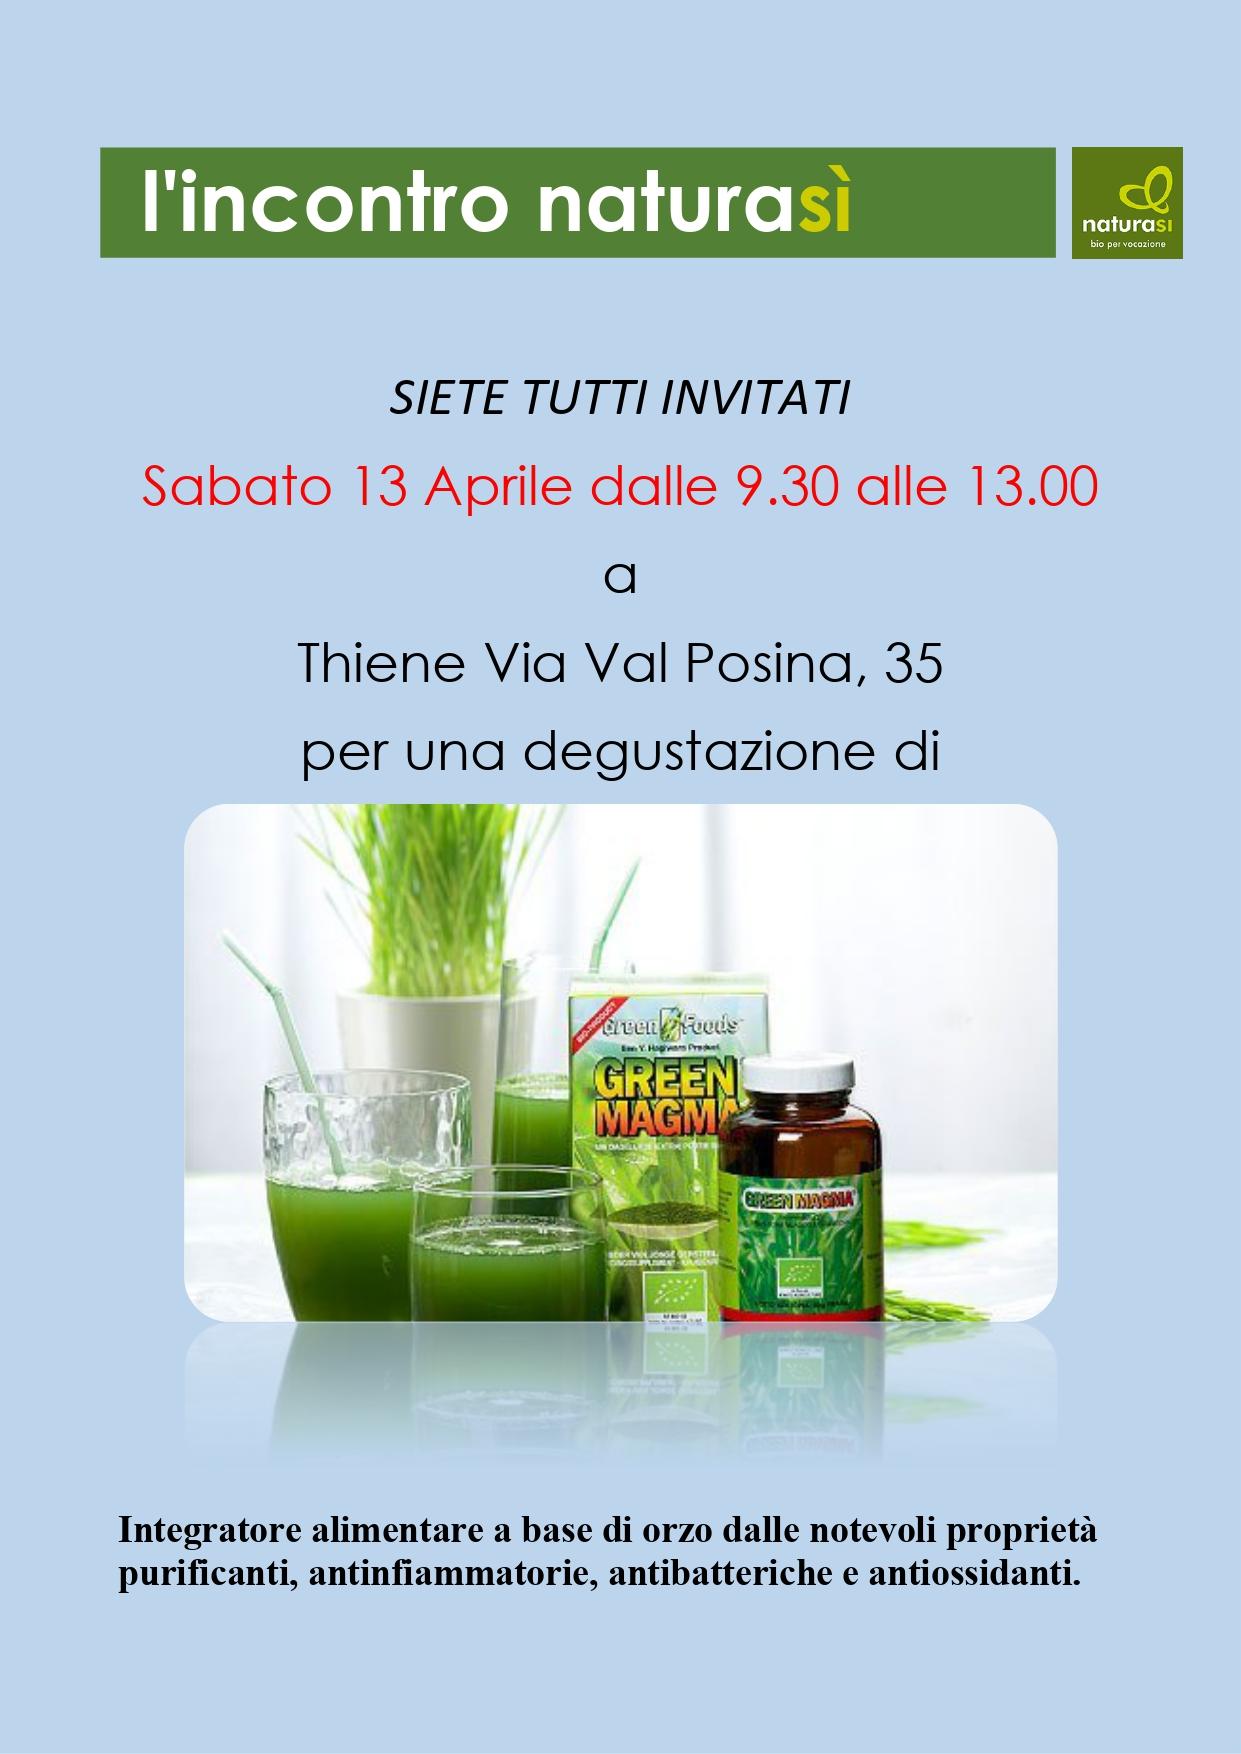 Presentazione Green Magma: 10% di sconto su tutti i prodotti Royal Green